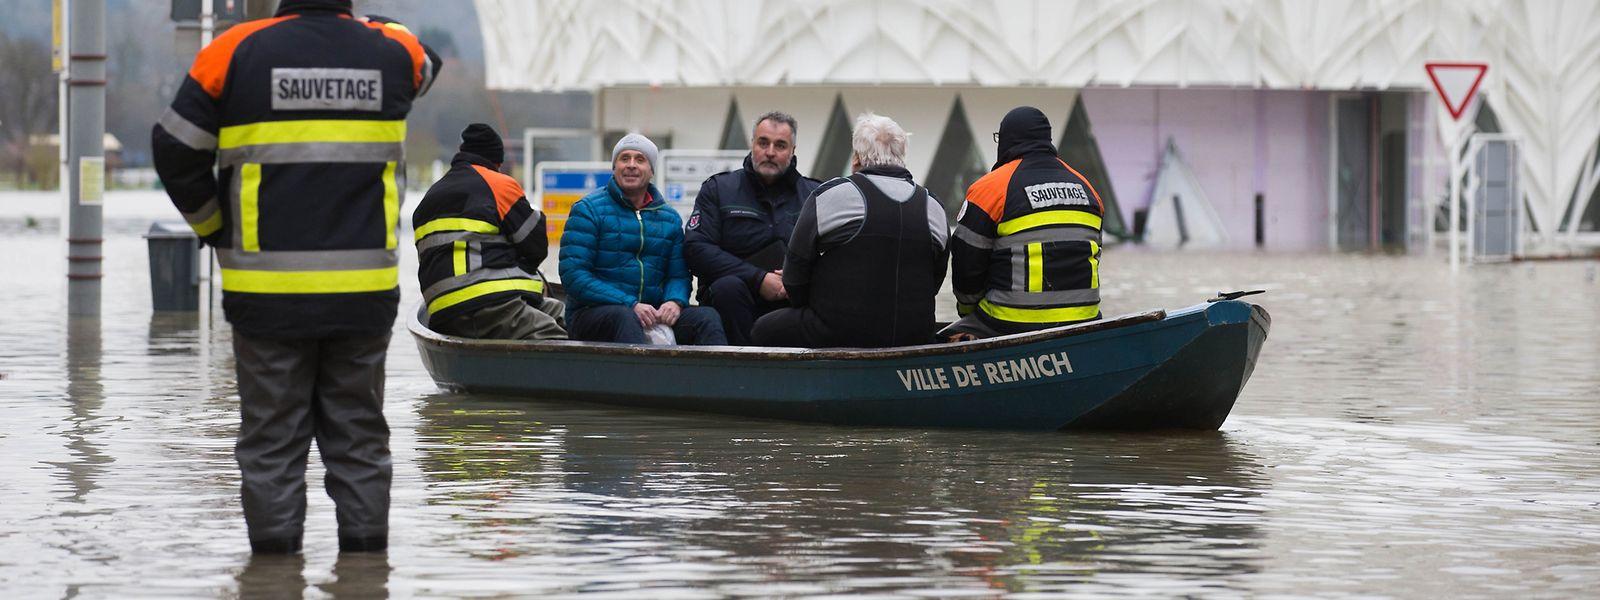 Das Hochwasser in Remich im Januar 2018.